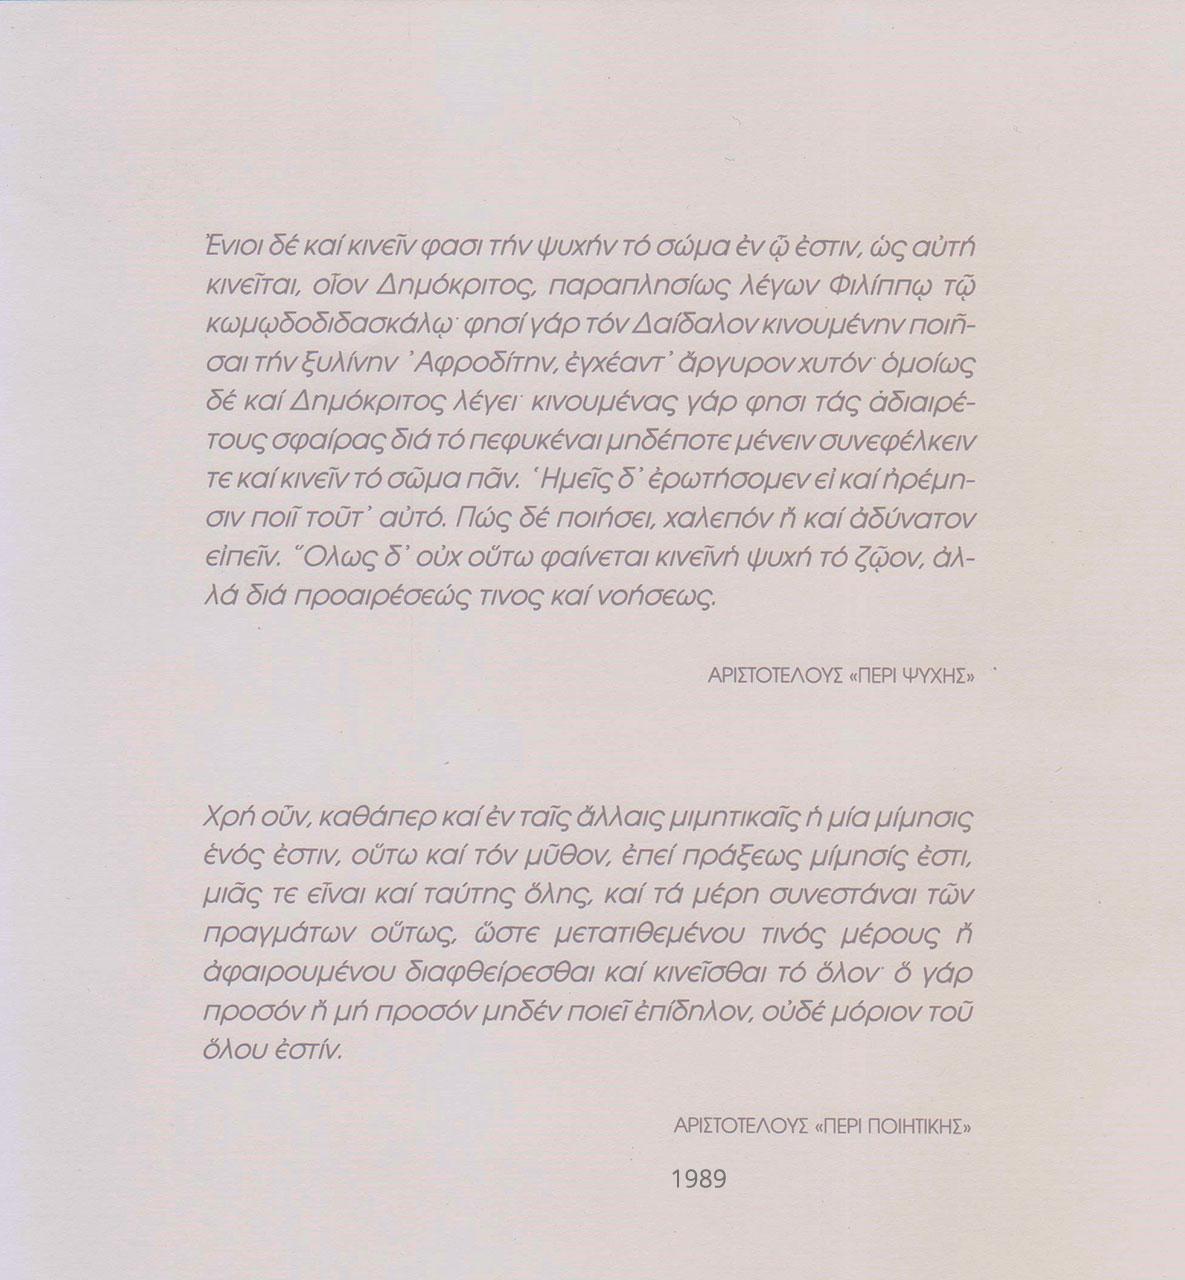 ΓΕΩΡΓΙΟΣ ΞΕΝΟΣ GXENOS-COVER-11-A ΞΕΝΟΣ  Βιβλίο